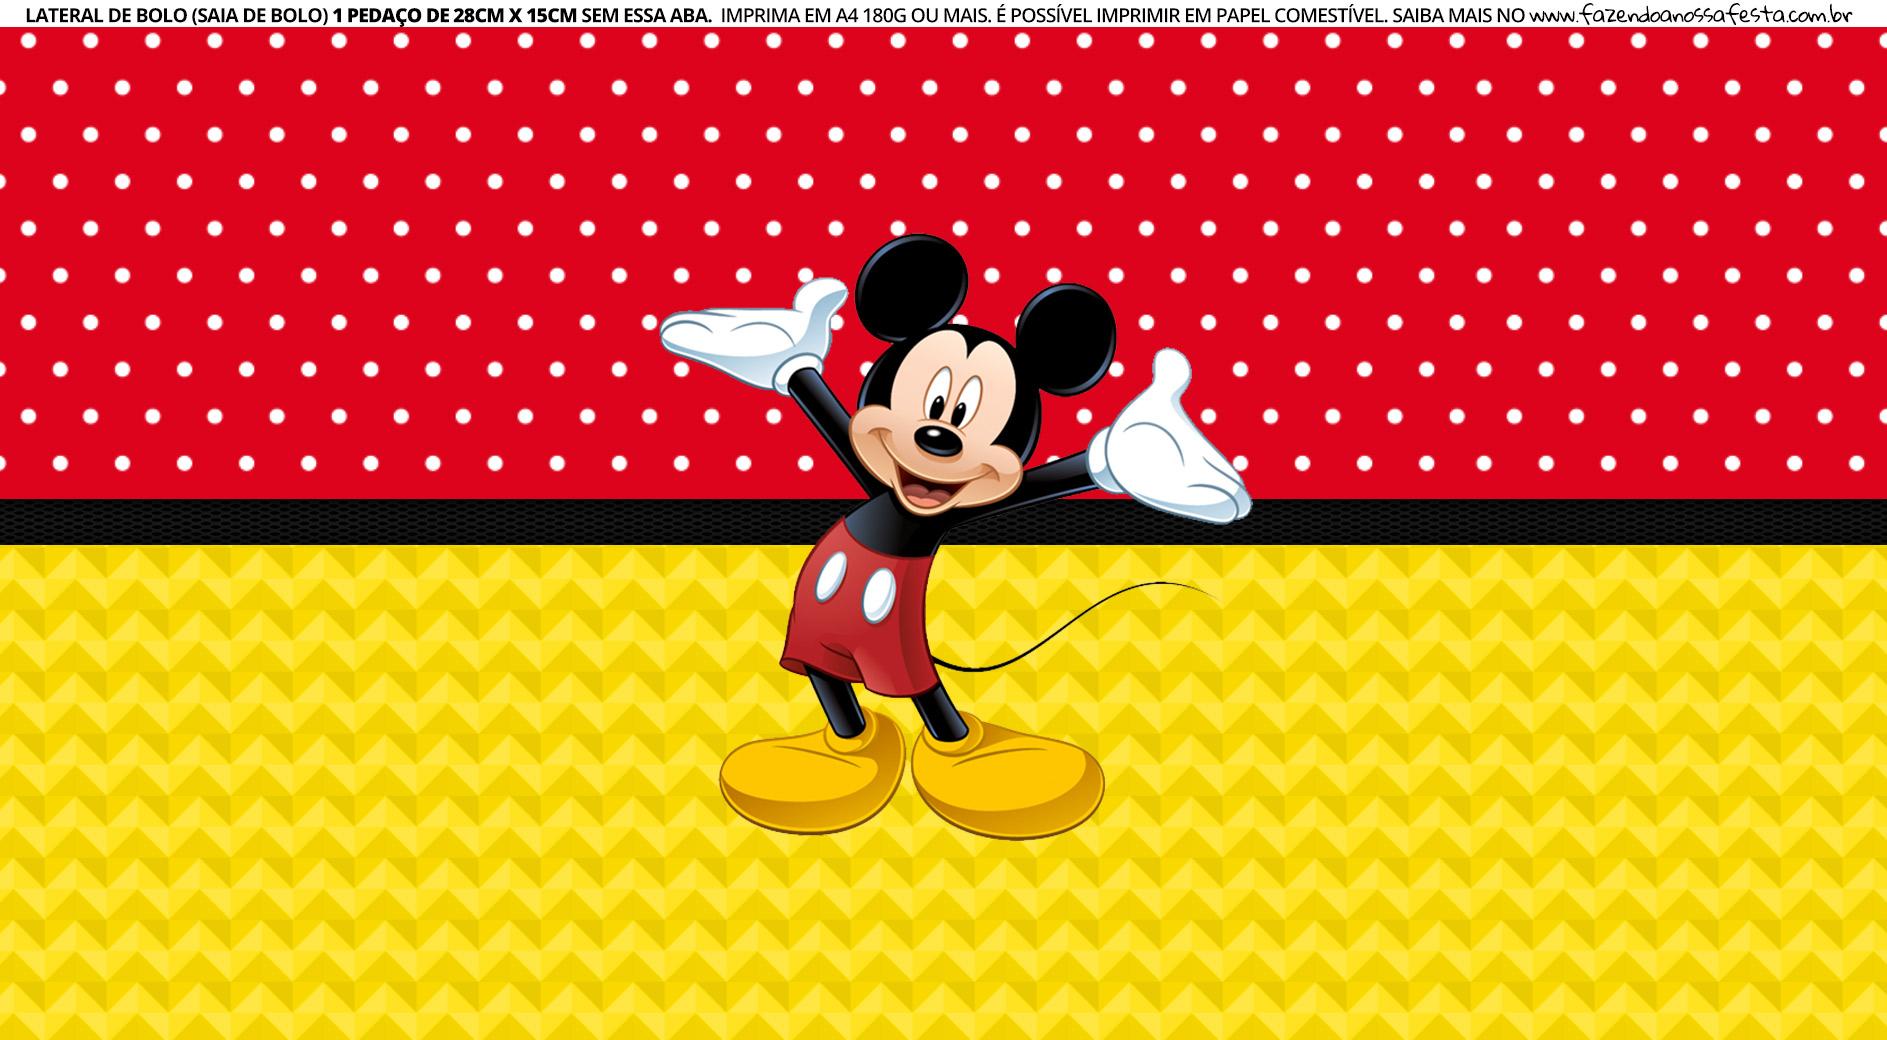 Faixa lateral para bolo Mickey 3